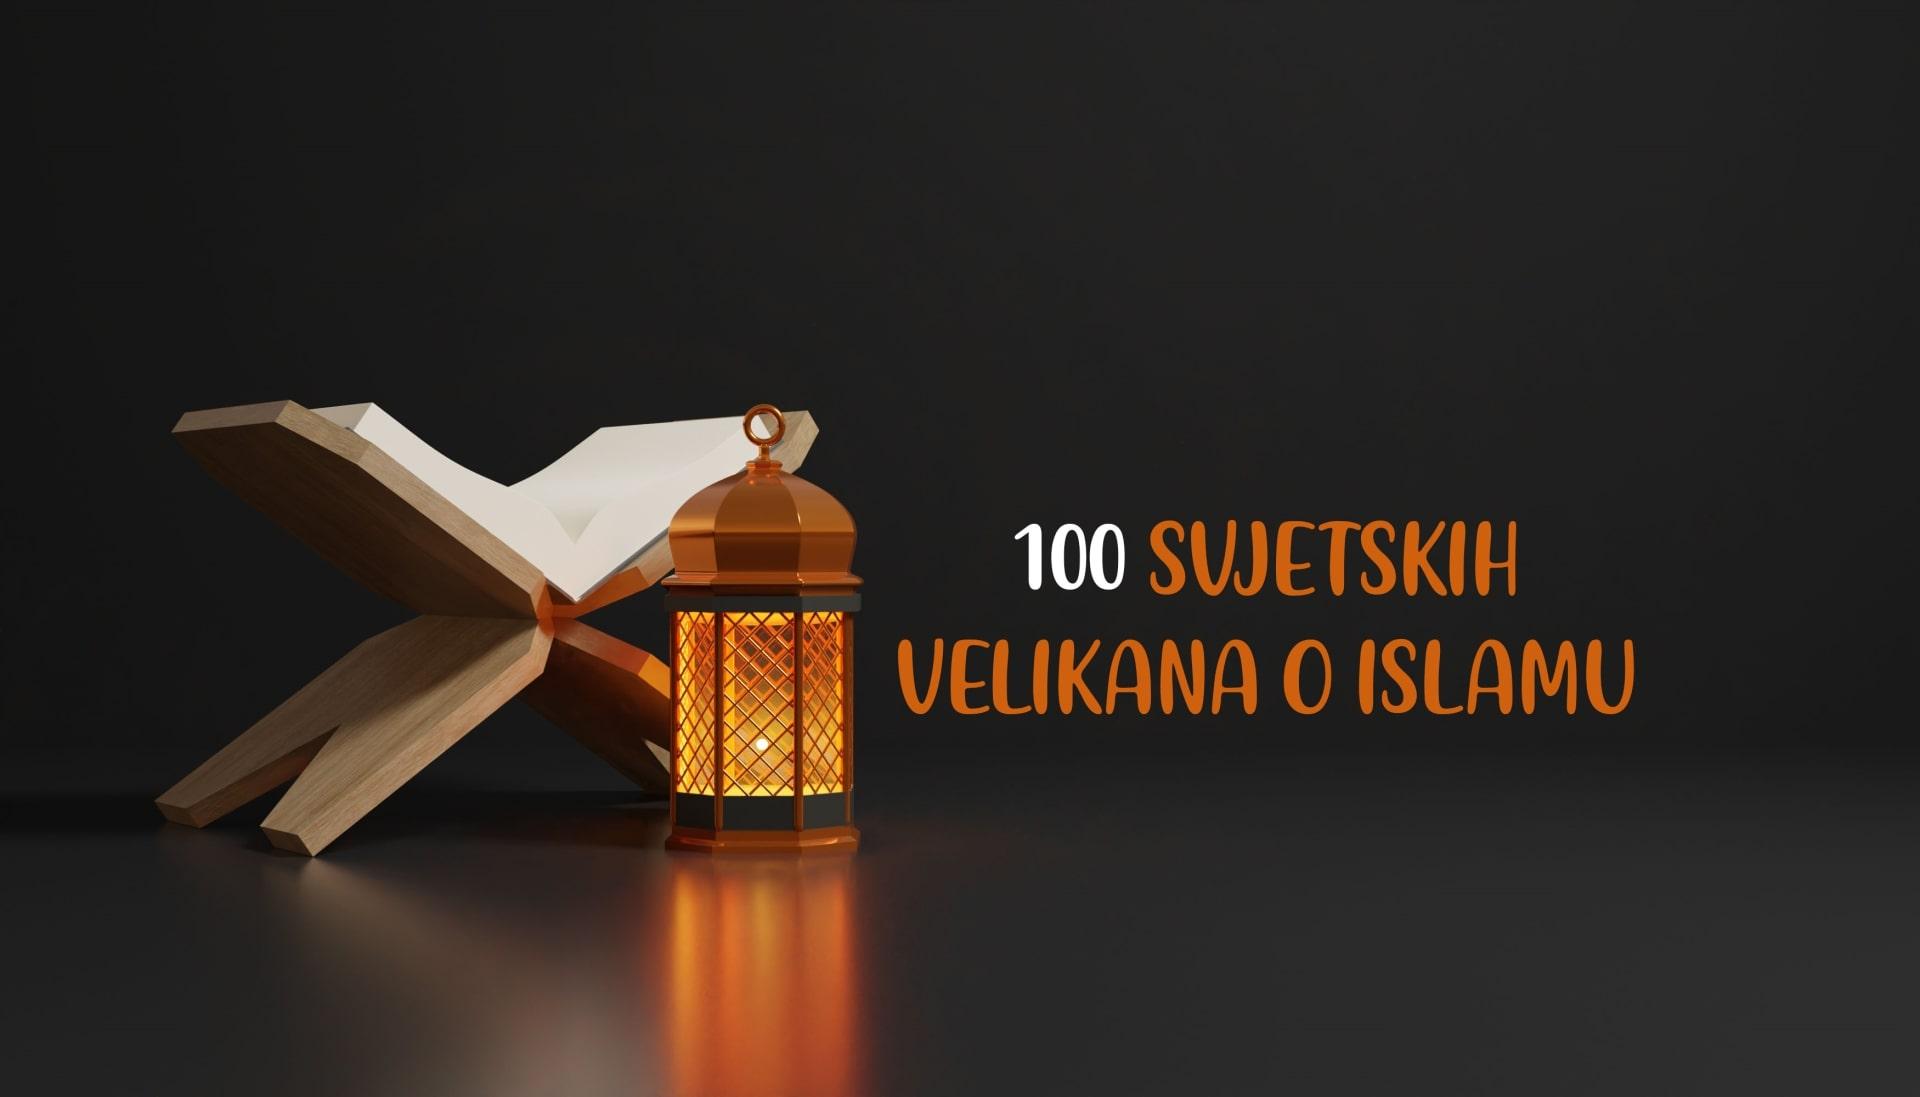 100 svjetskih velikana o islamu – Artur N. Volaston